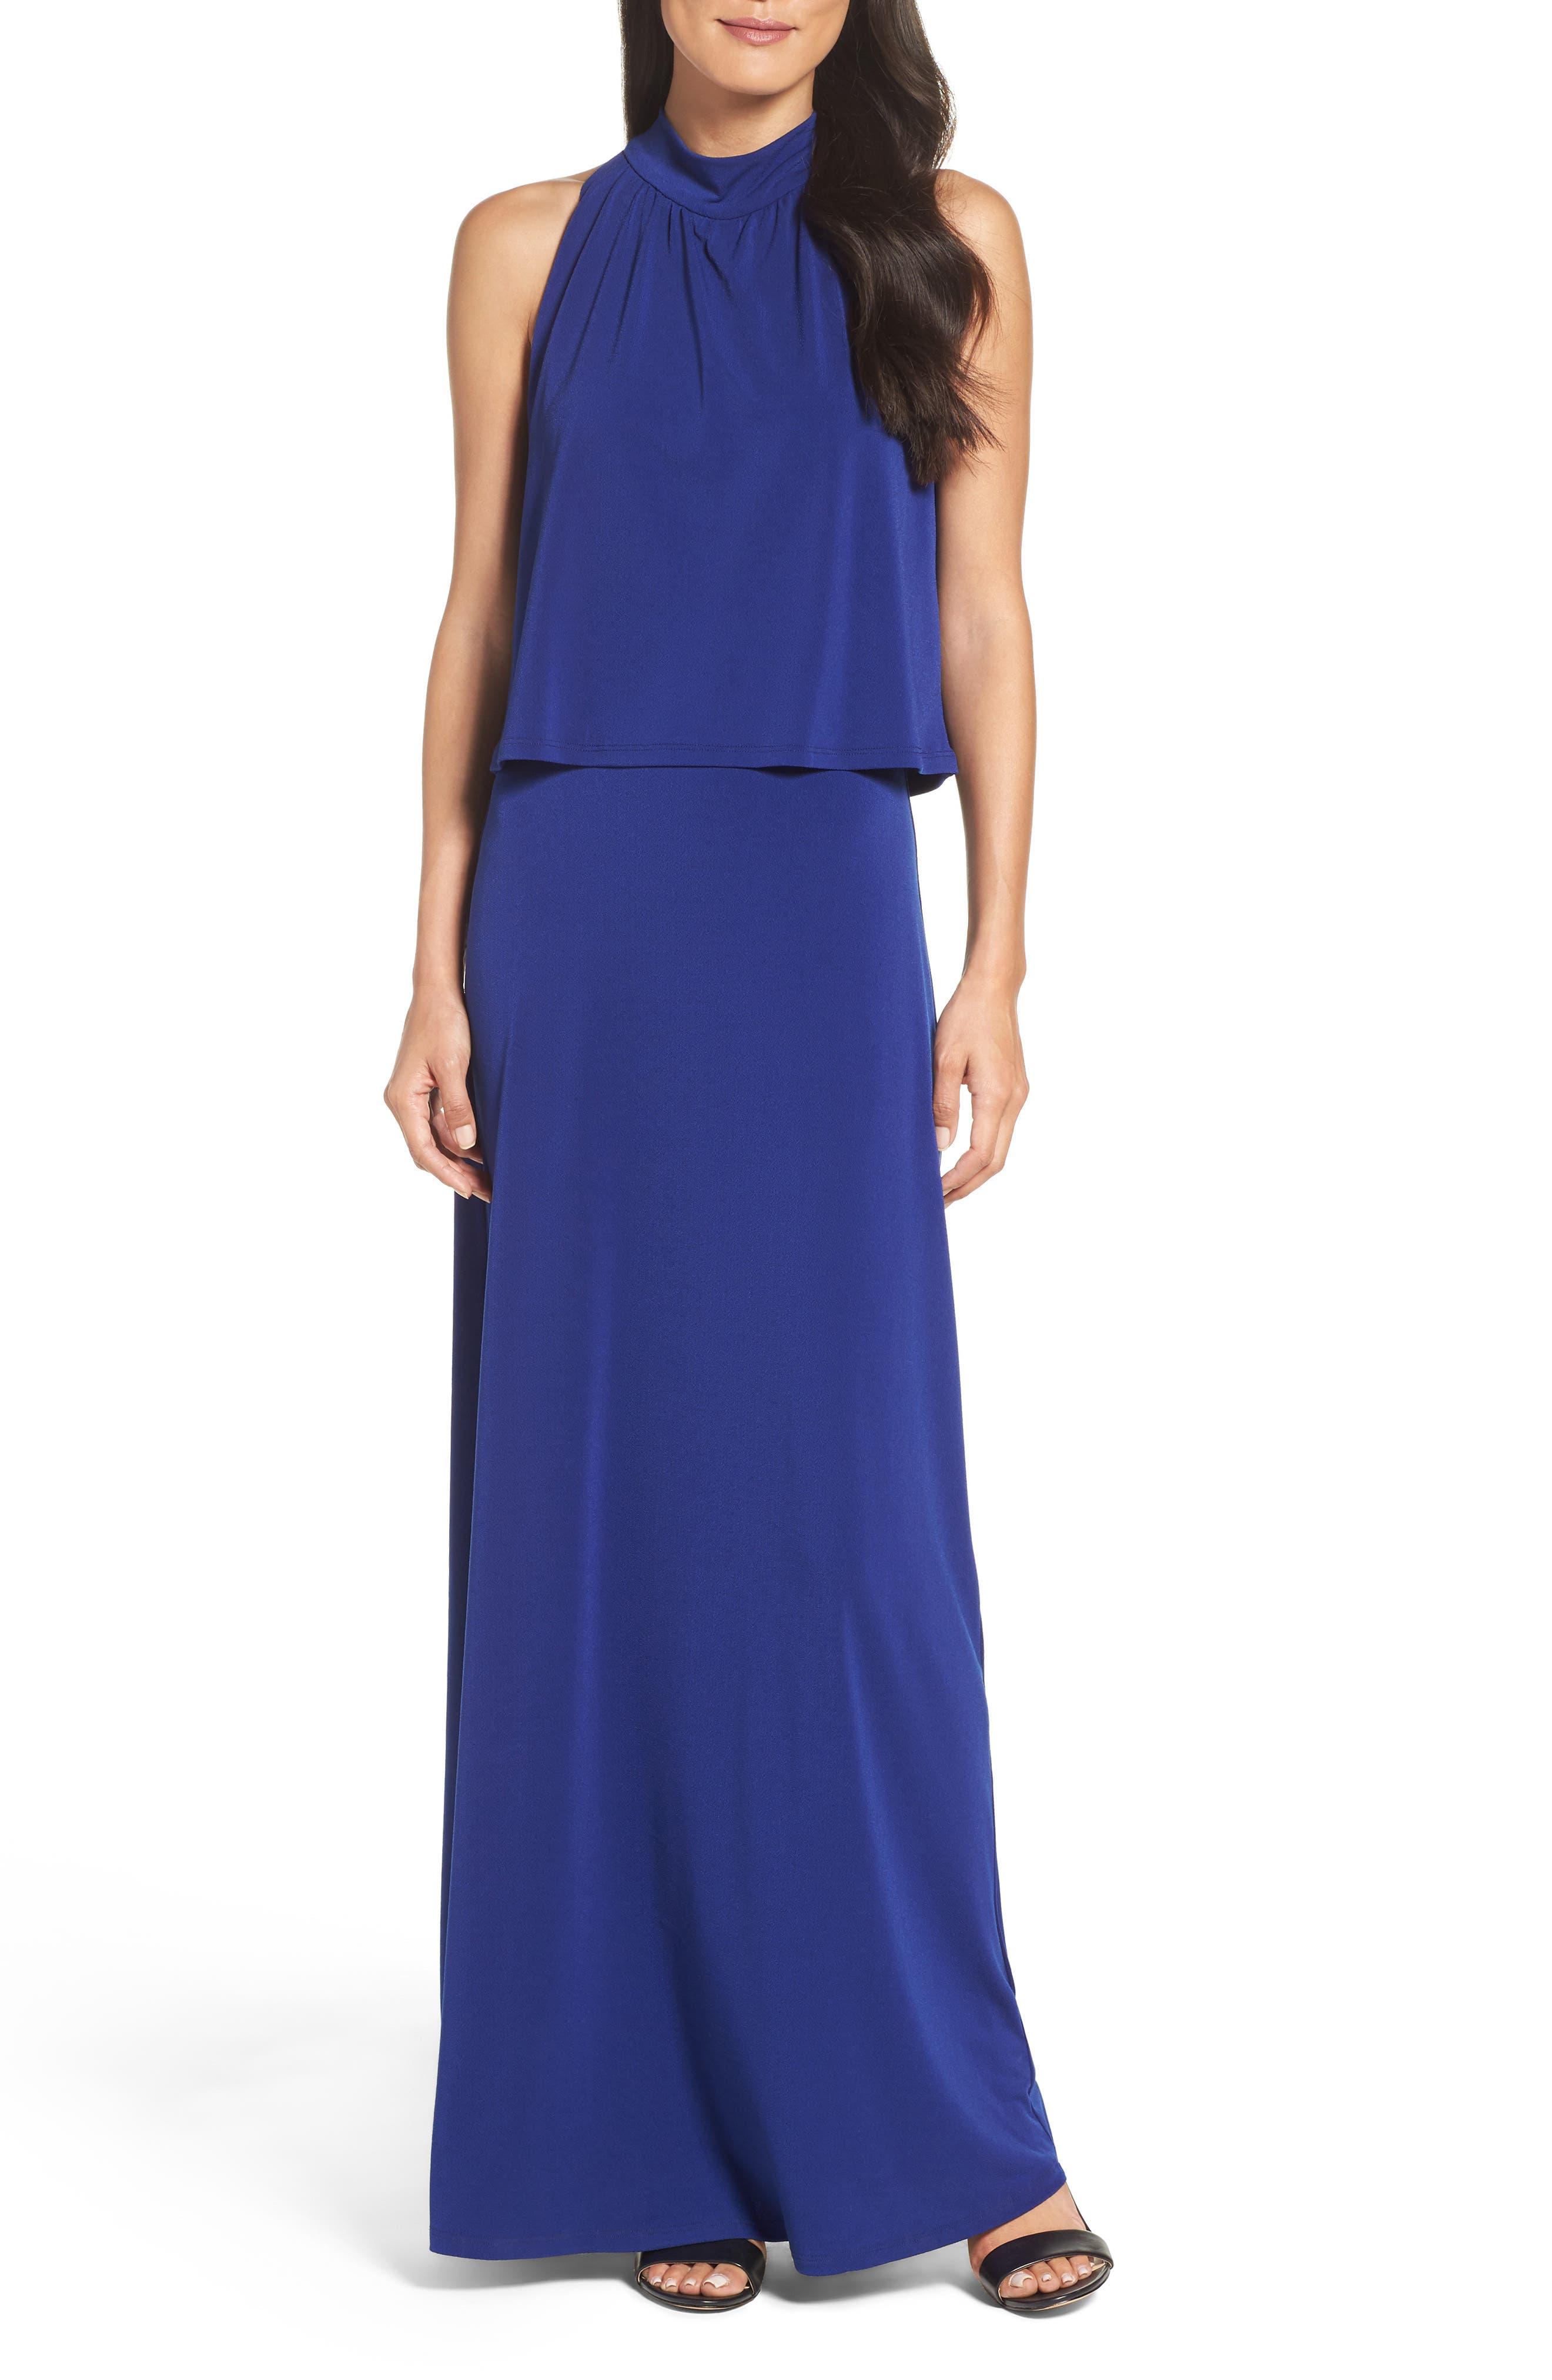 'Syler' Popover Jersey Maxi Dress,                             Main thumbnail 1, color,                             415